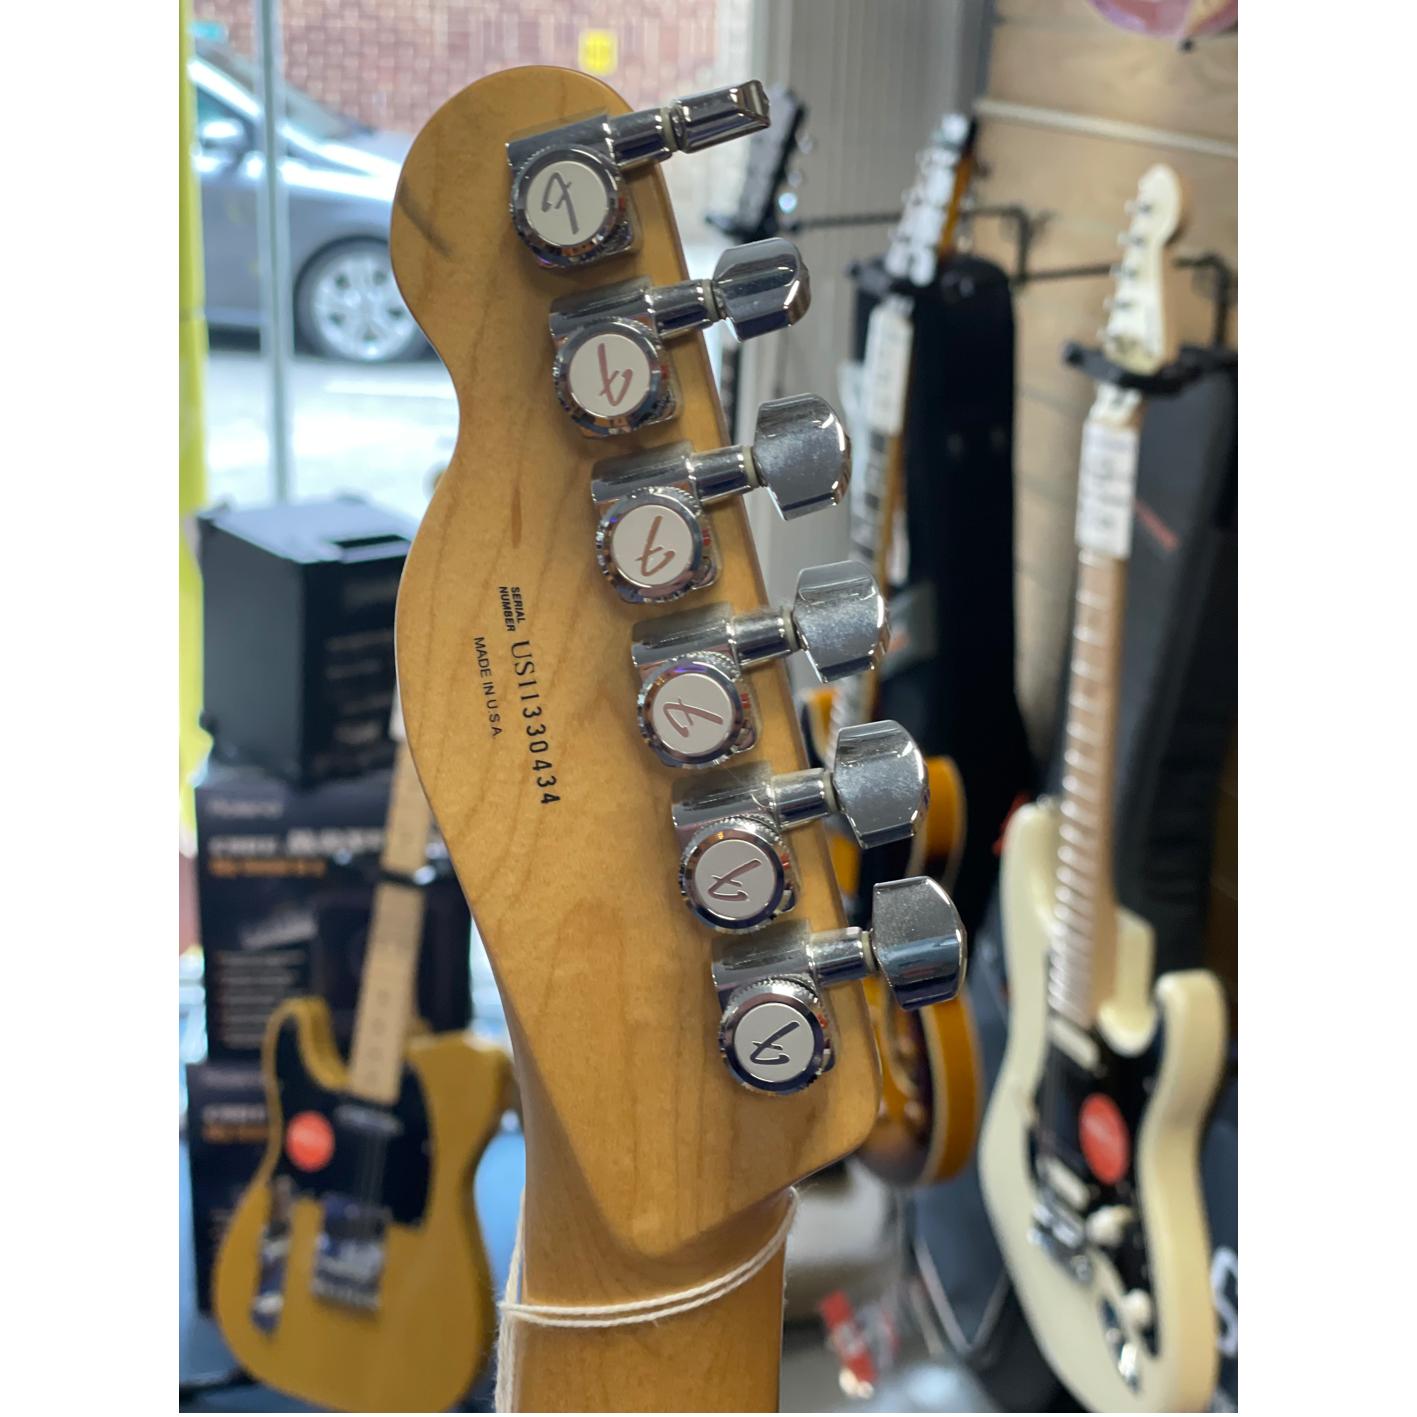 Fender American Deluxe Telecaster 2011 Cherry Sunburst (Second Hand)